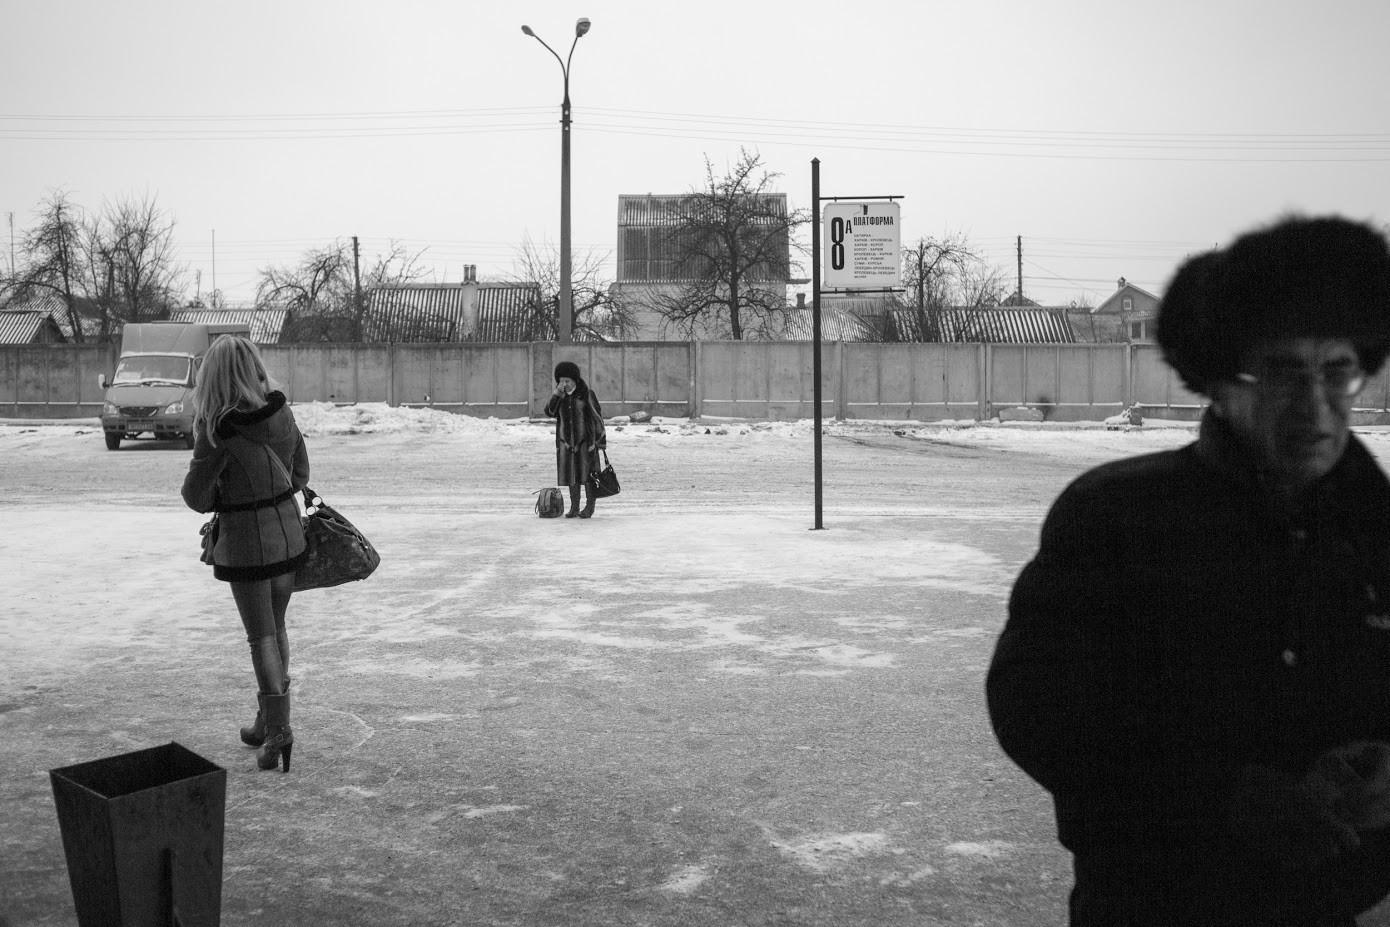 Ukrajinsko-ruska meja, avtobusna postaja za Orjol